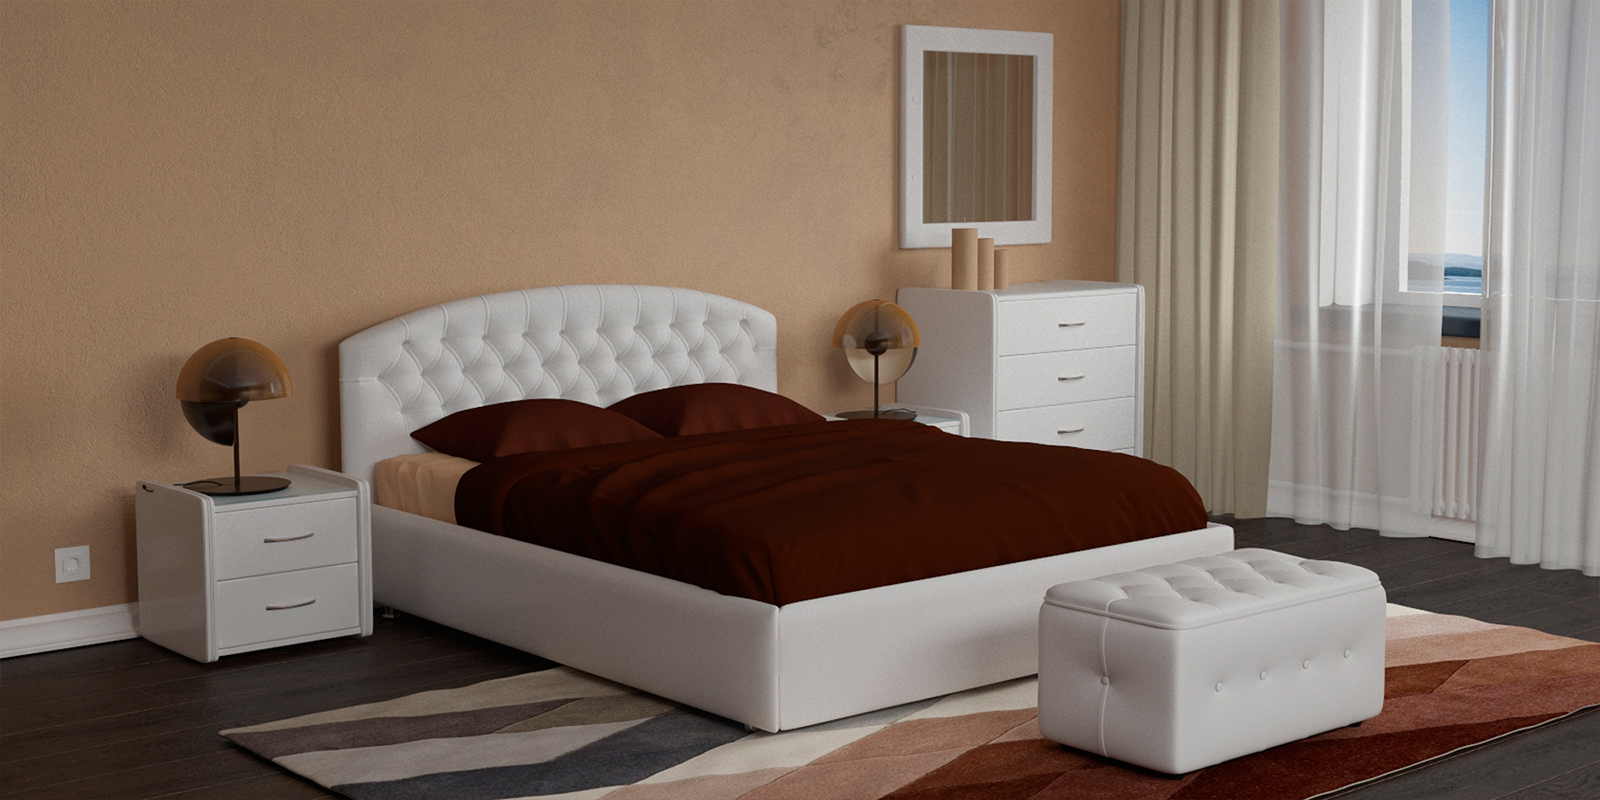 Купить Мягкая кровать 200х160 Малибу вариант №1 с ортопедическим основанием (Белый), HomeMe